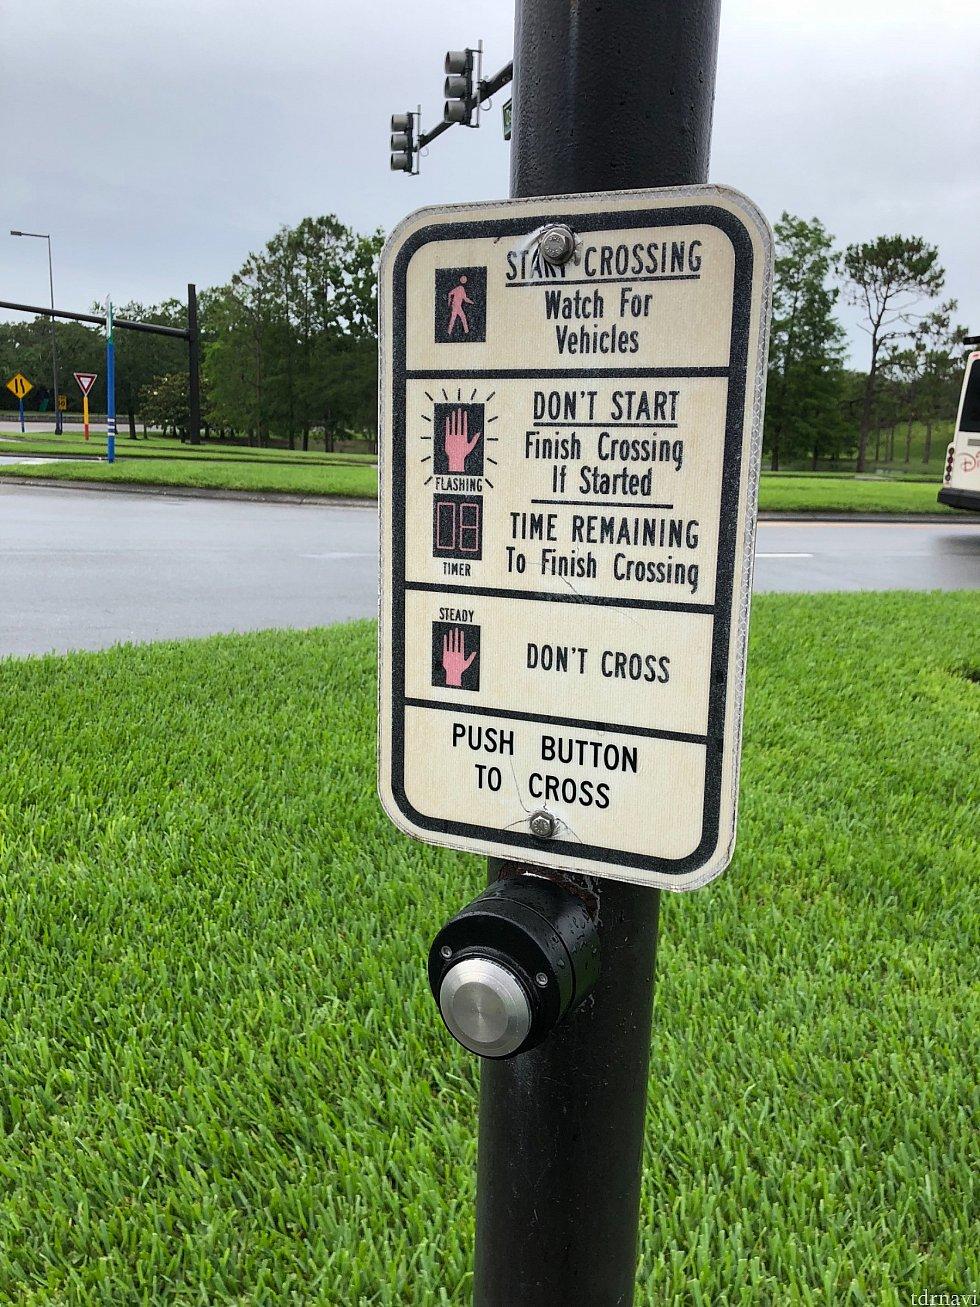 交差点を渡る際、こちらの歩行者用信号ボタンを押しておかないと、いつになっても青になりませんのでご注意を。